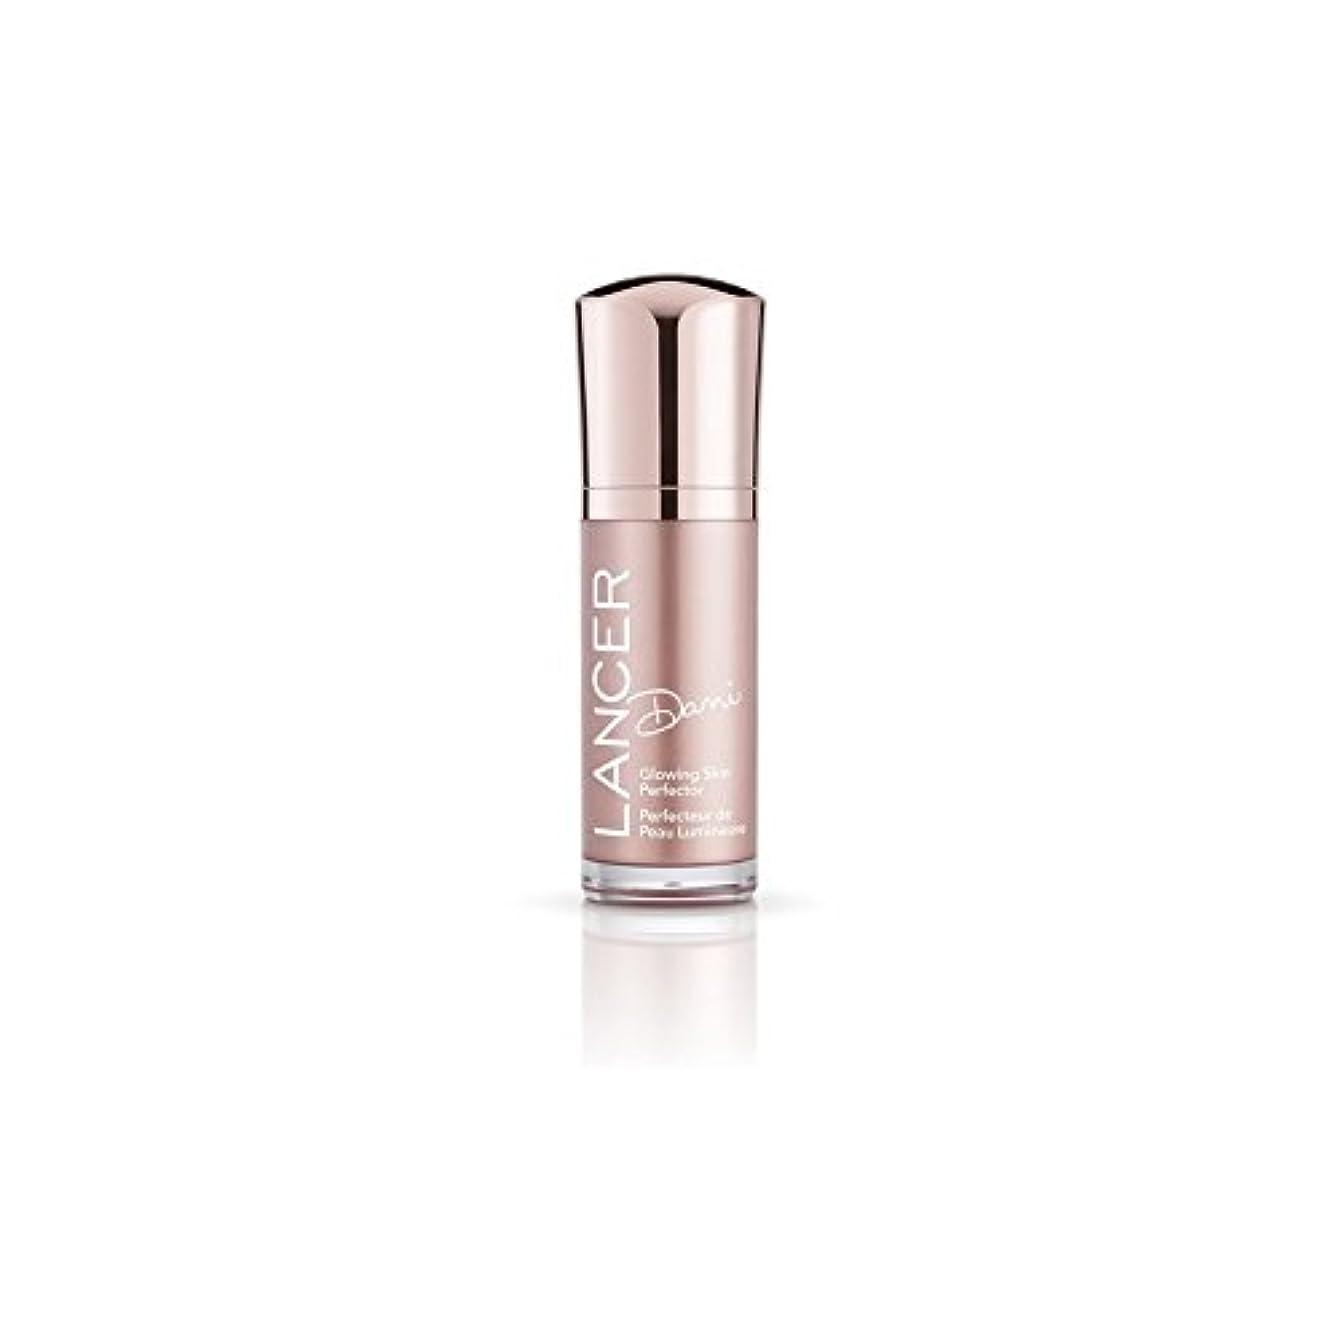 持参ブルーベル容赦ないLancer Skincare Dani Glowing Skin Perfector (30ml) - スキンパーフェク輝くランサースキンケアダニ(30ミリリットル) [並行輸入品]